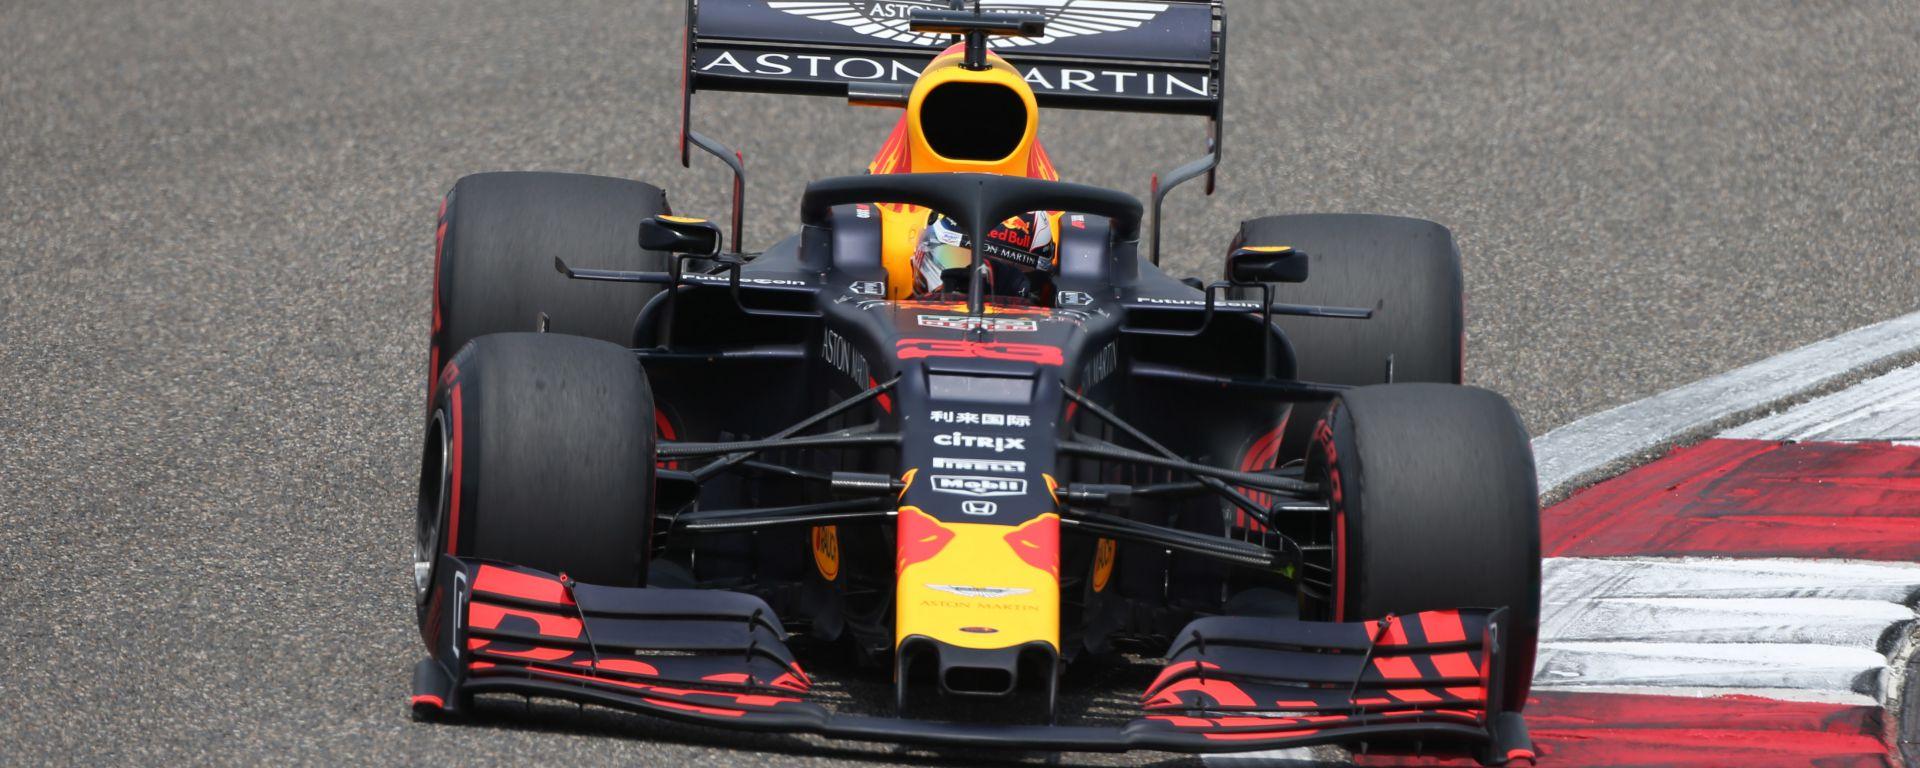 Verstappen in pista in Cina